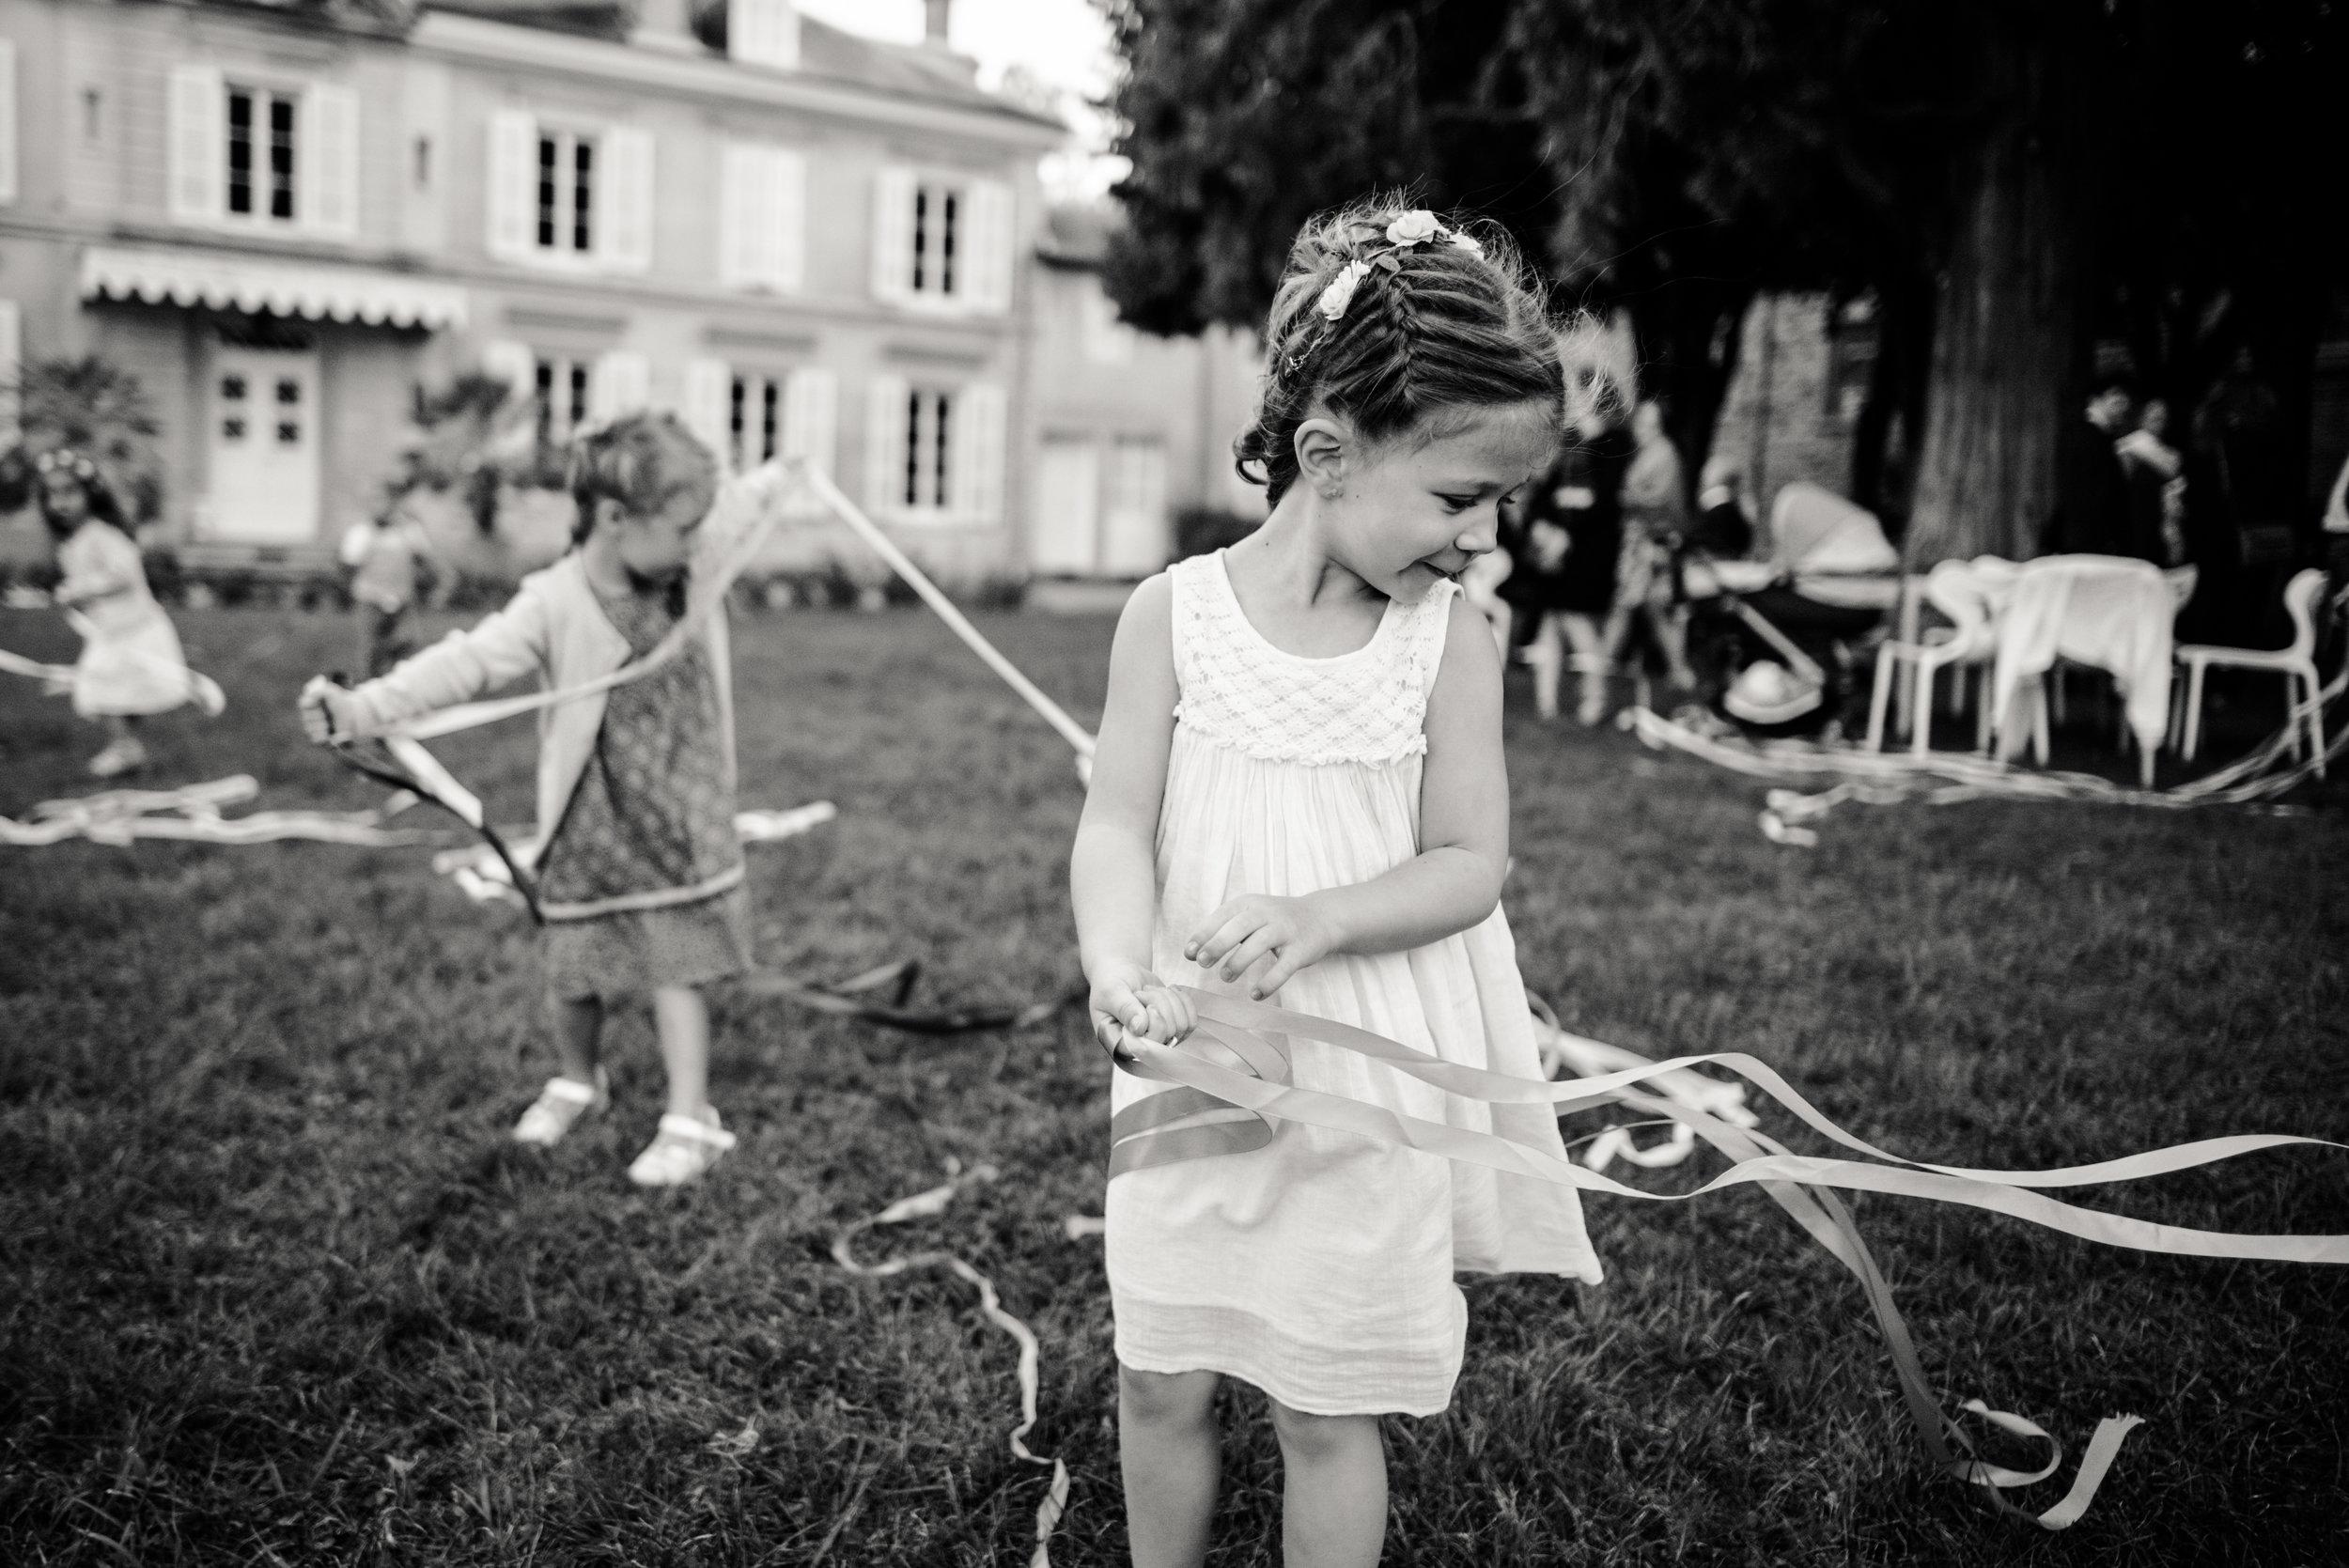 Léa-Fery-photographe-professionnel-lyon-rhone-alpes-portrait-creation-mariage-evenement-evenementiel-famille--87.jpg